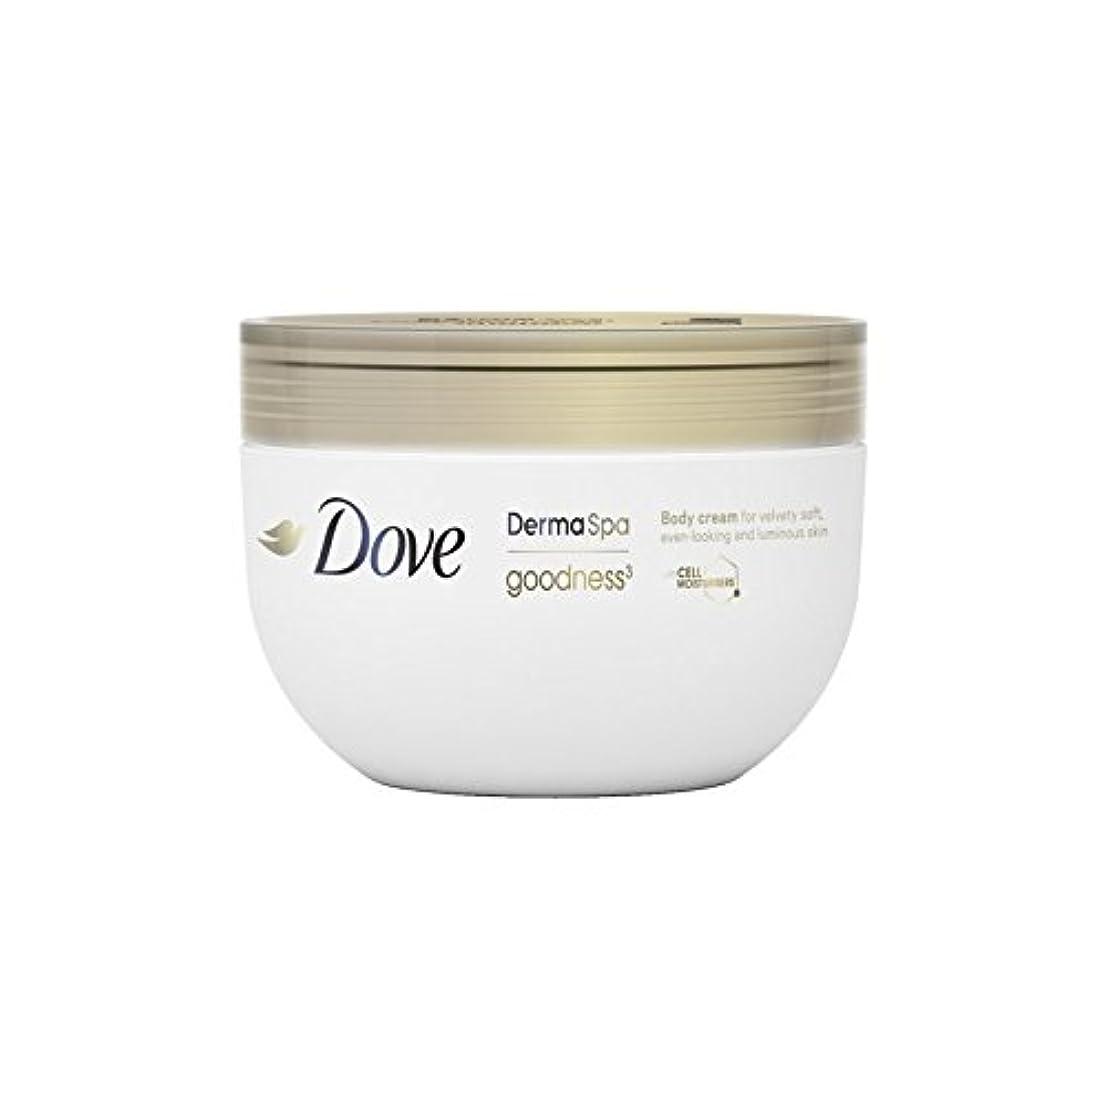 ドラマ抑制する池Dove DermaSpa Goodness3 Body Cream (300ml) - 鳩の3ボディクリーム(300ミリリットル) [並行輸入品]